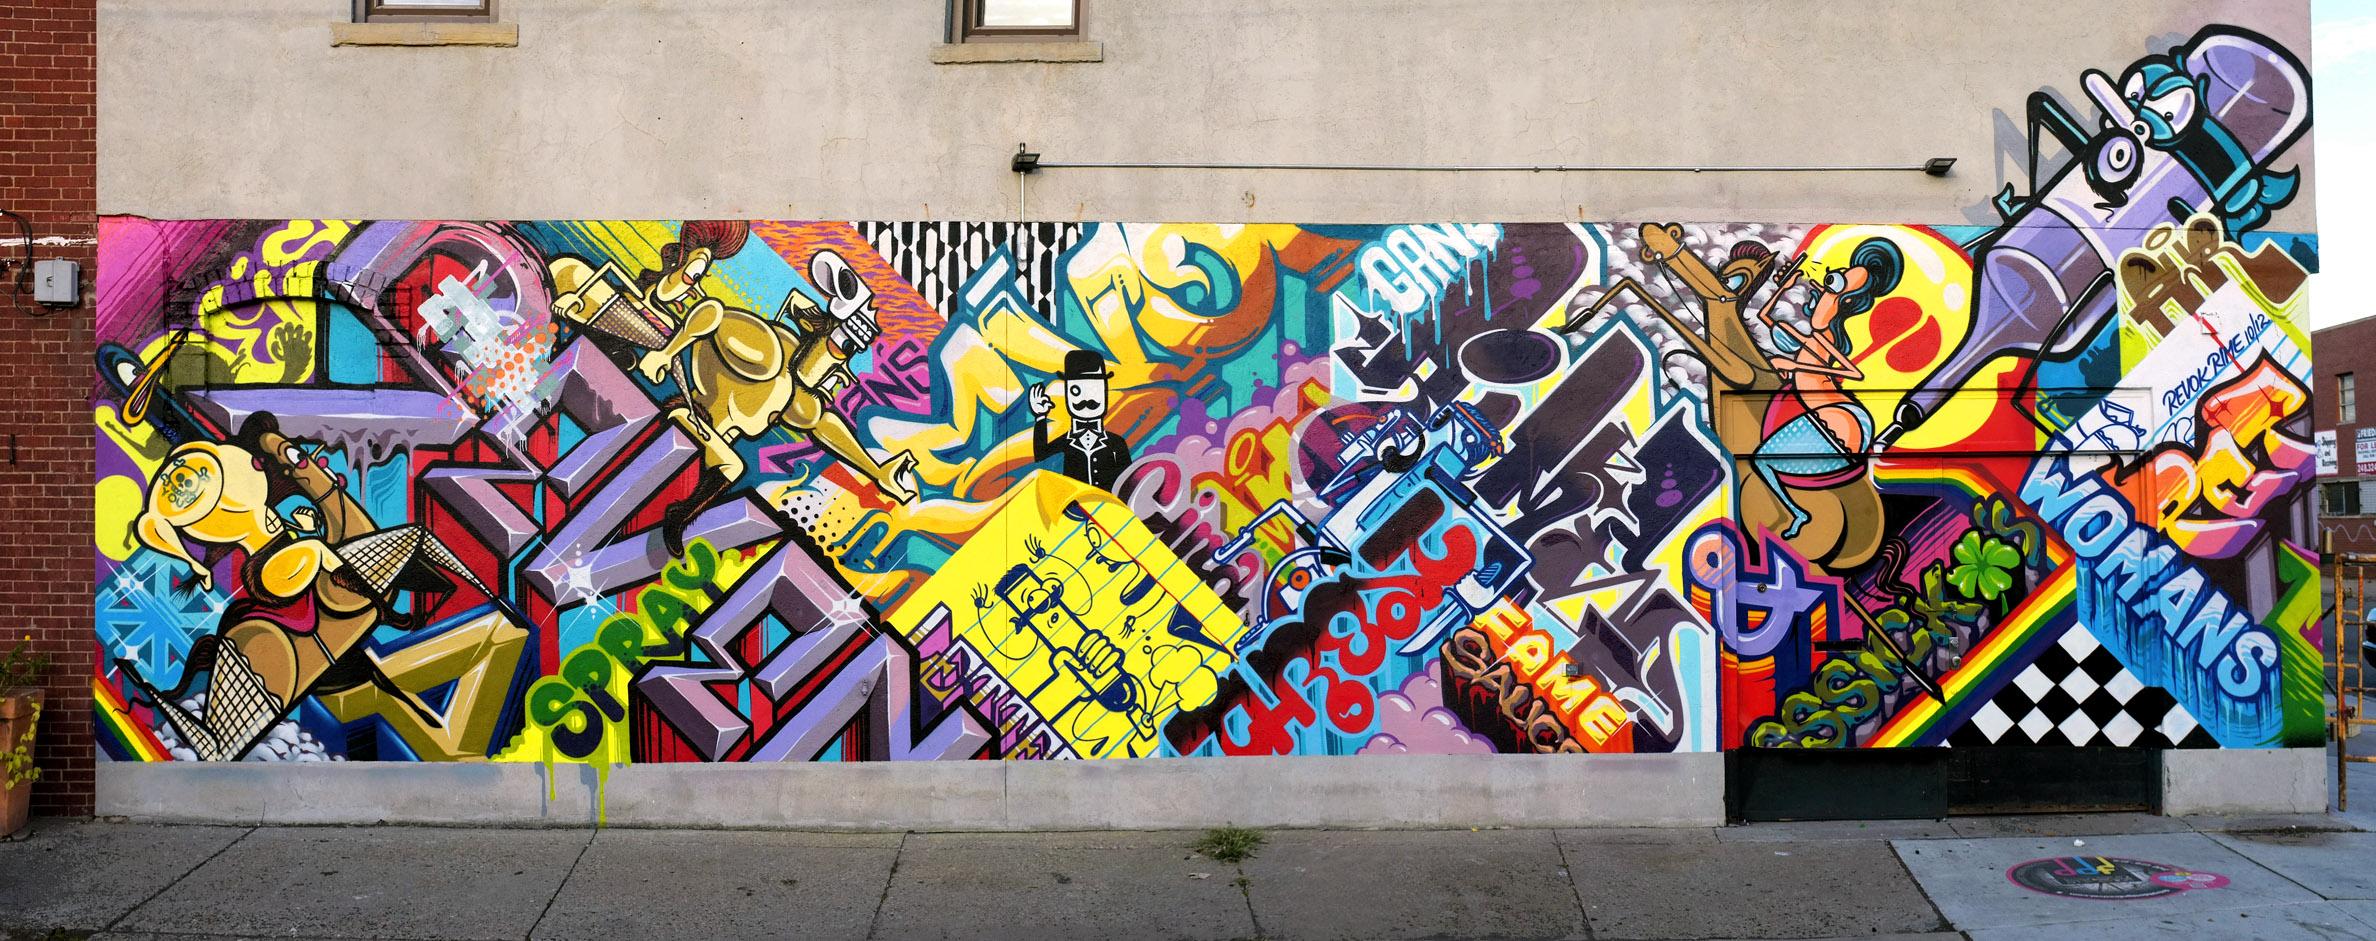 Revok for Art et decoration 2012